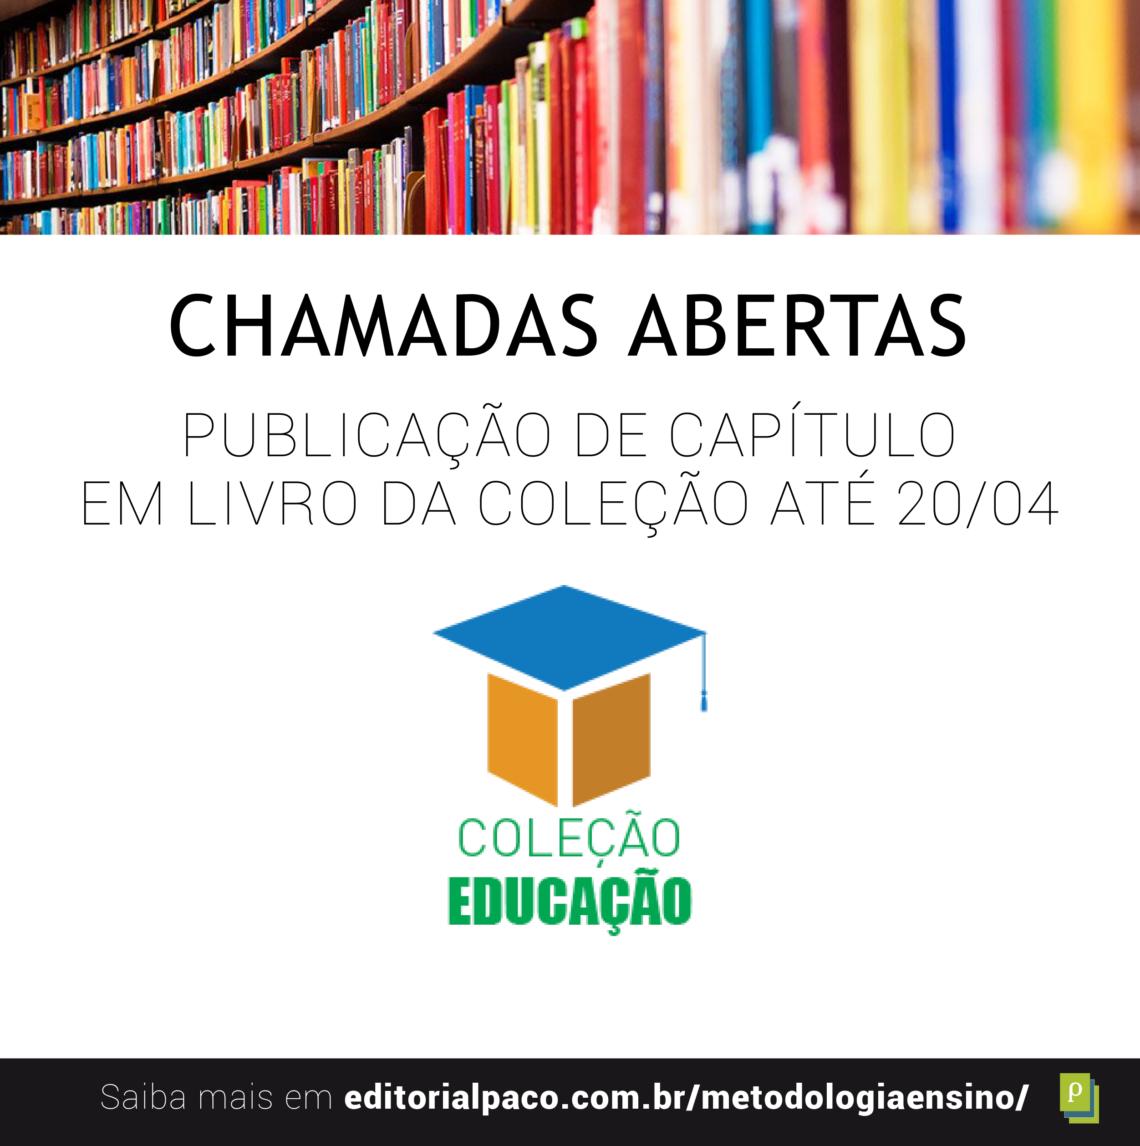 Coleção Educação